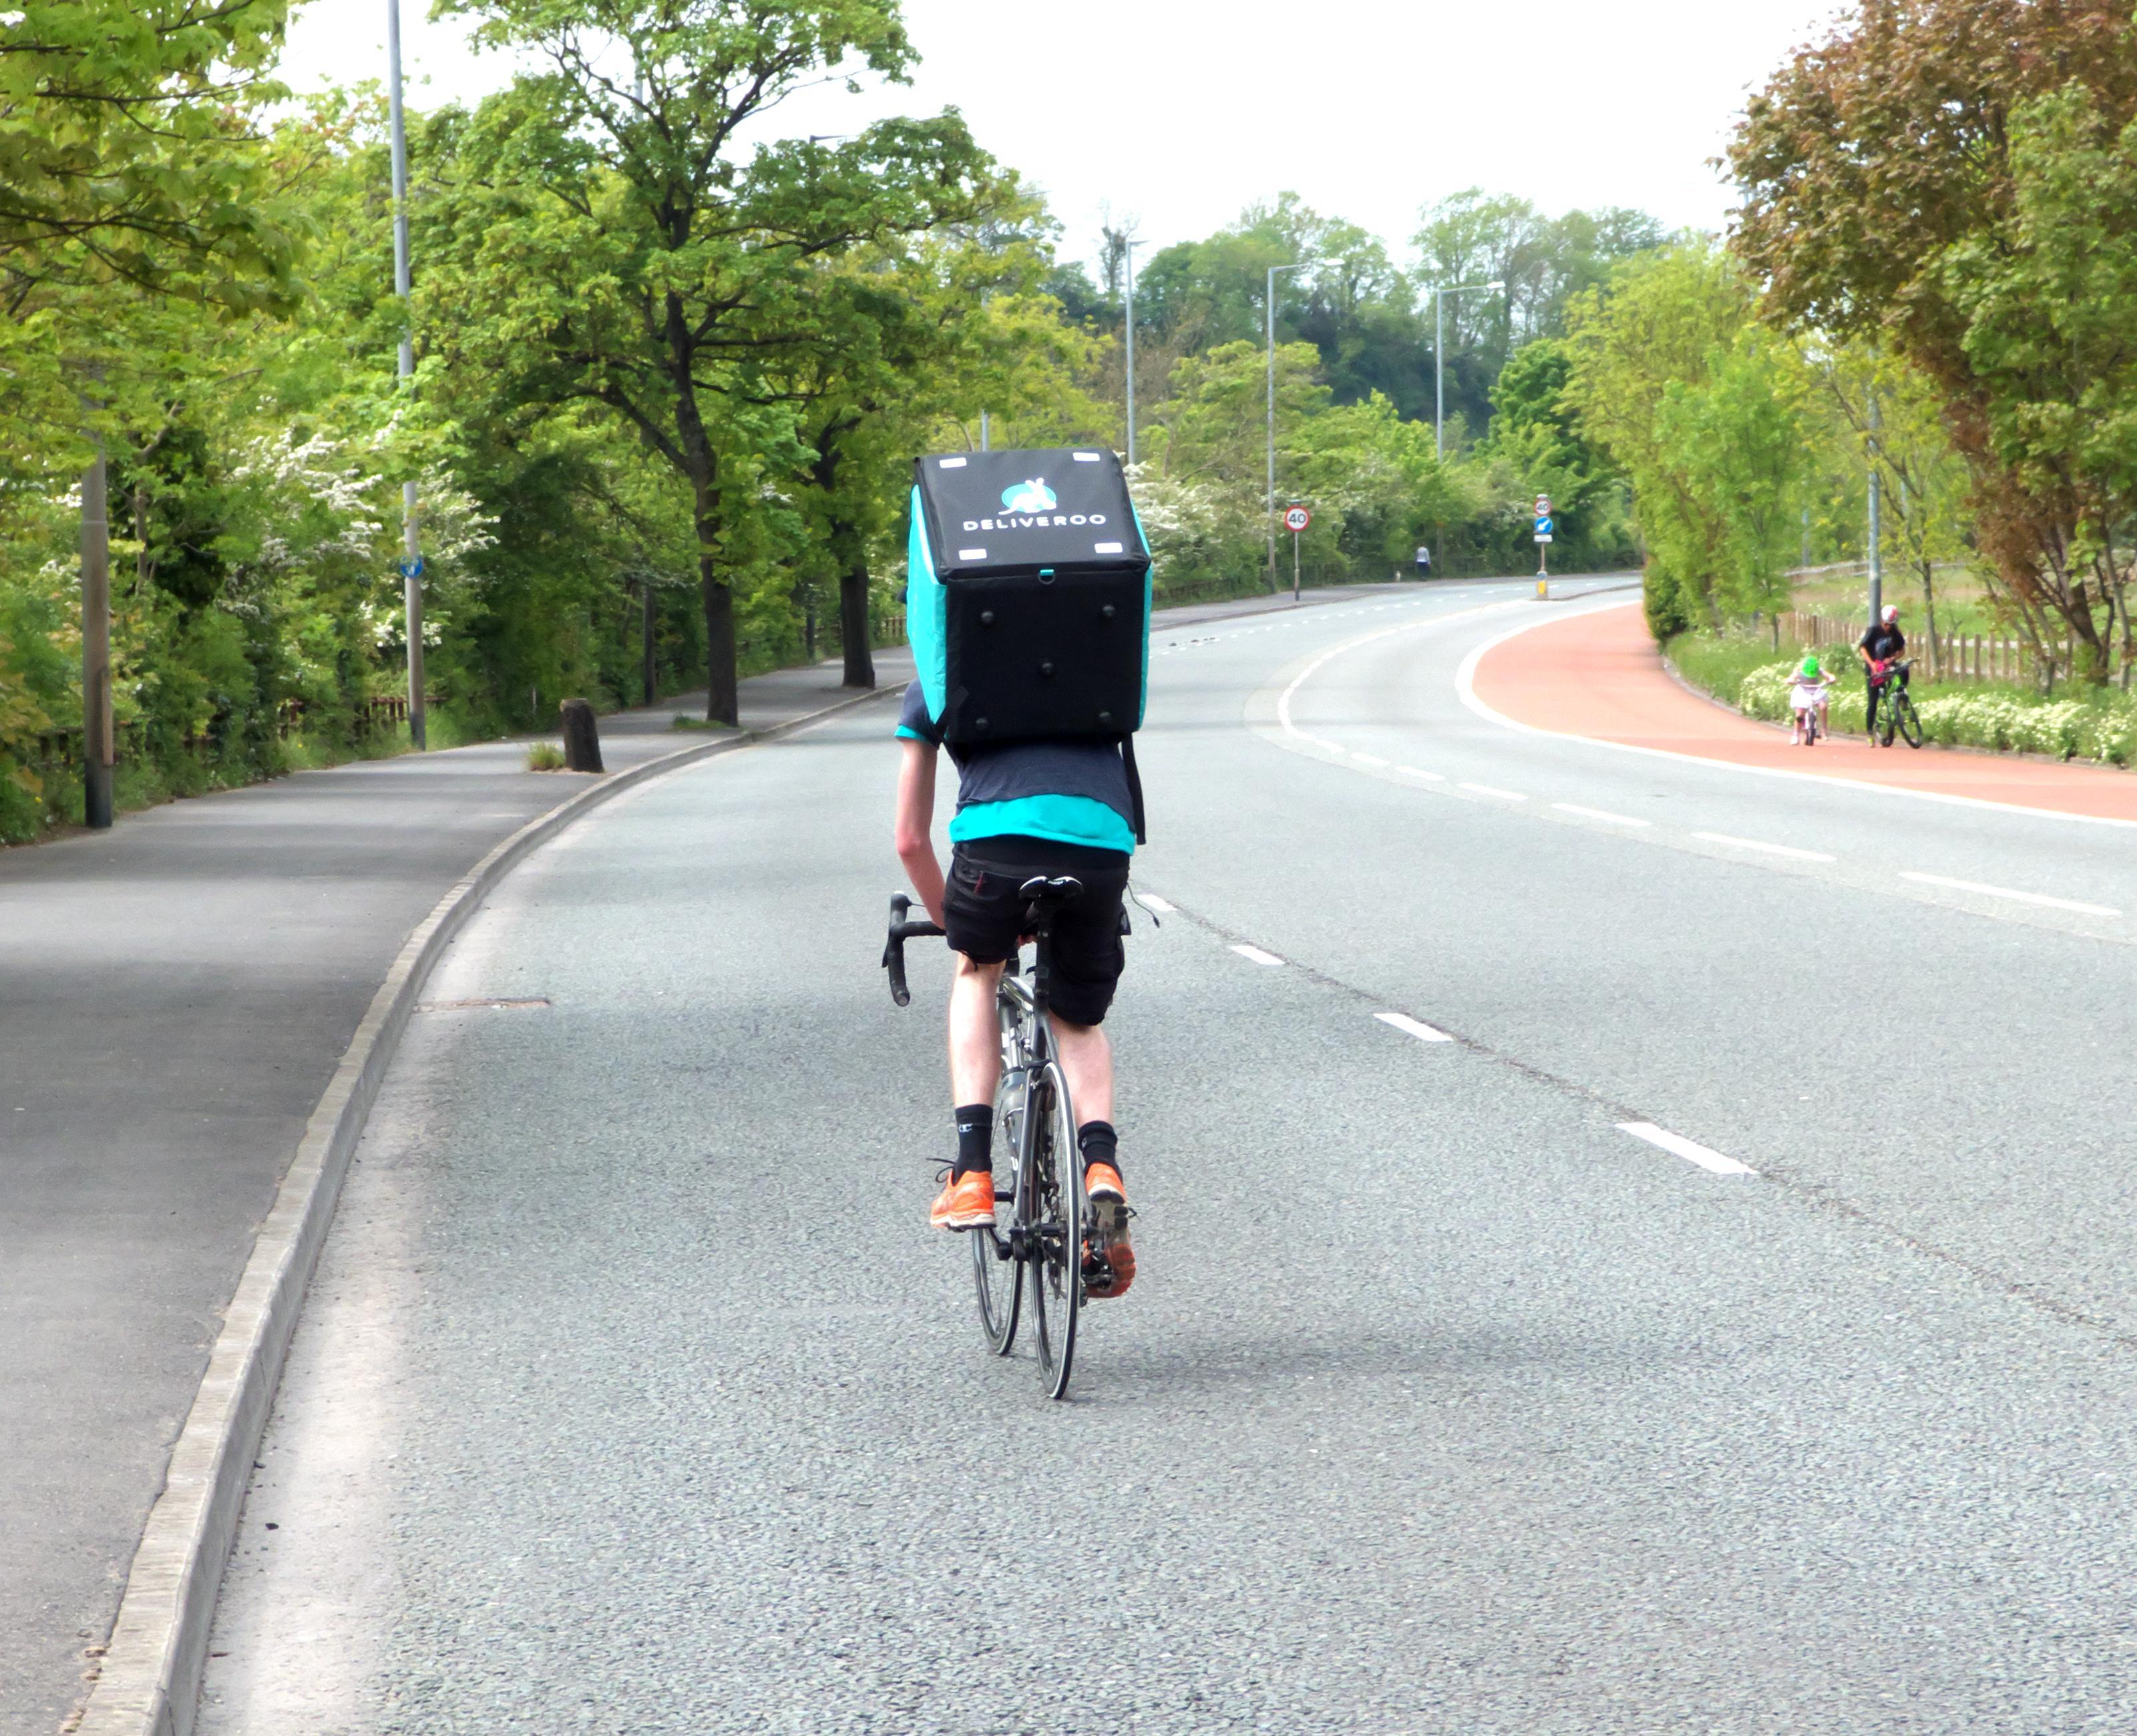 Qui aide les livreurs? Smart? Les syndicats? La pression, elle, est clairement sur le dos des cyclistes.